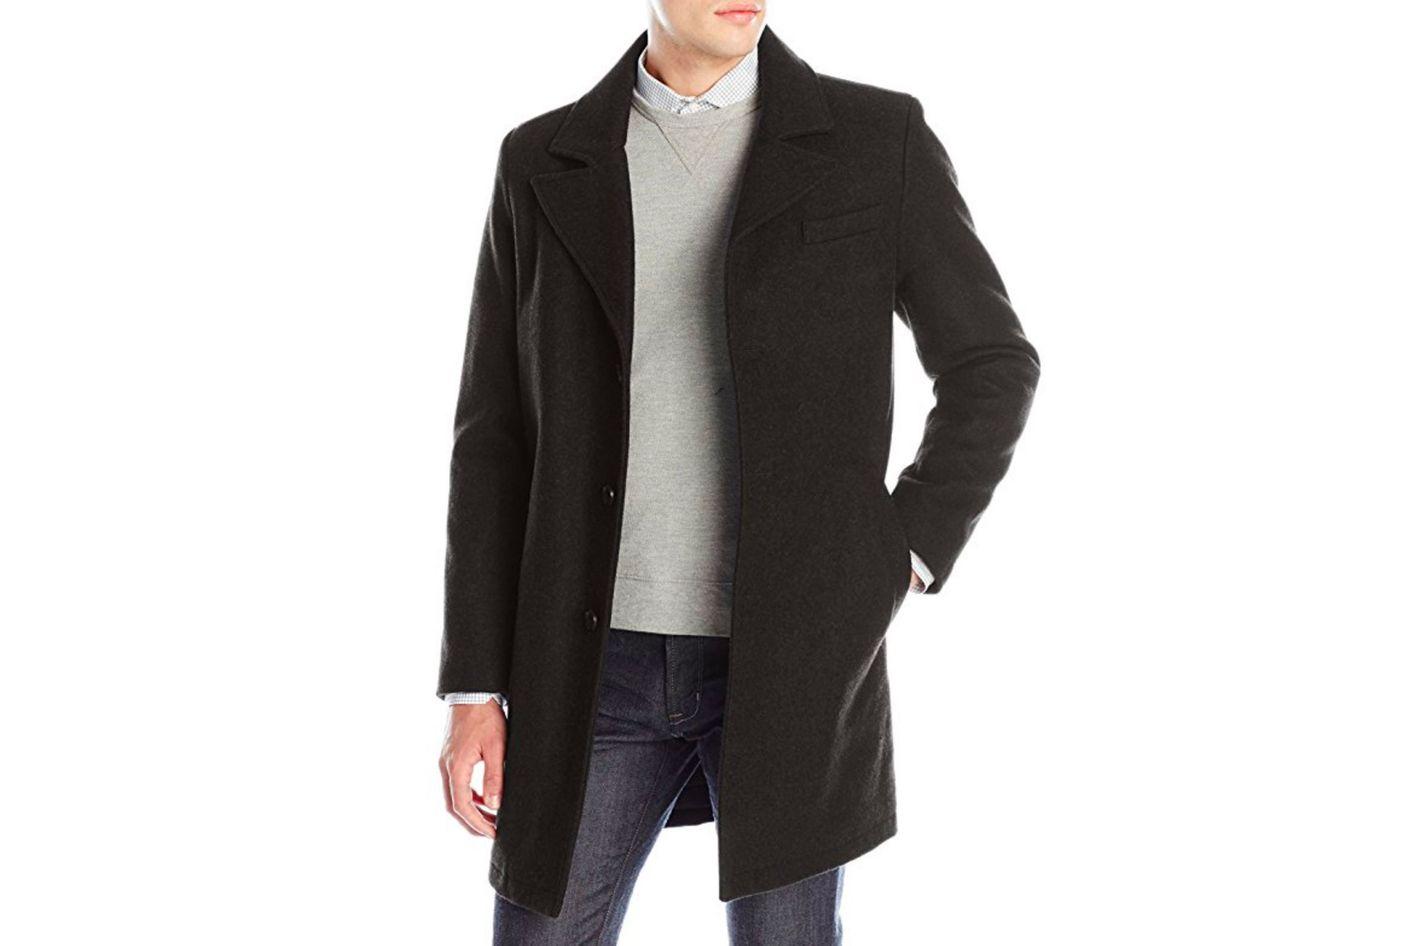 Kenneth Cole New York Men's Single-Breasted Wool Walker